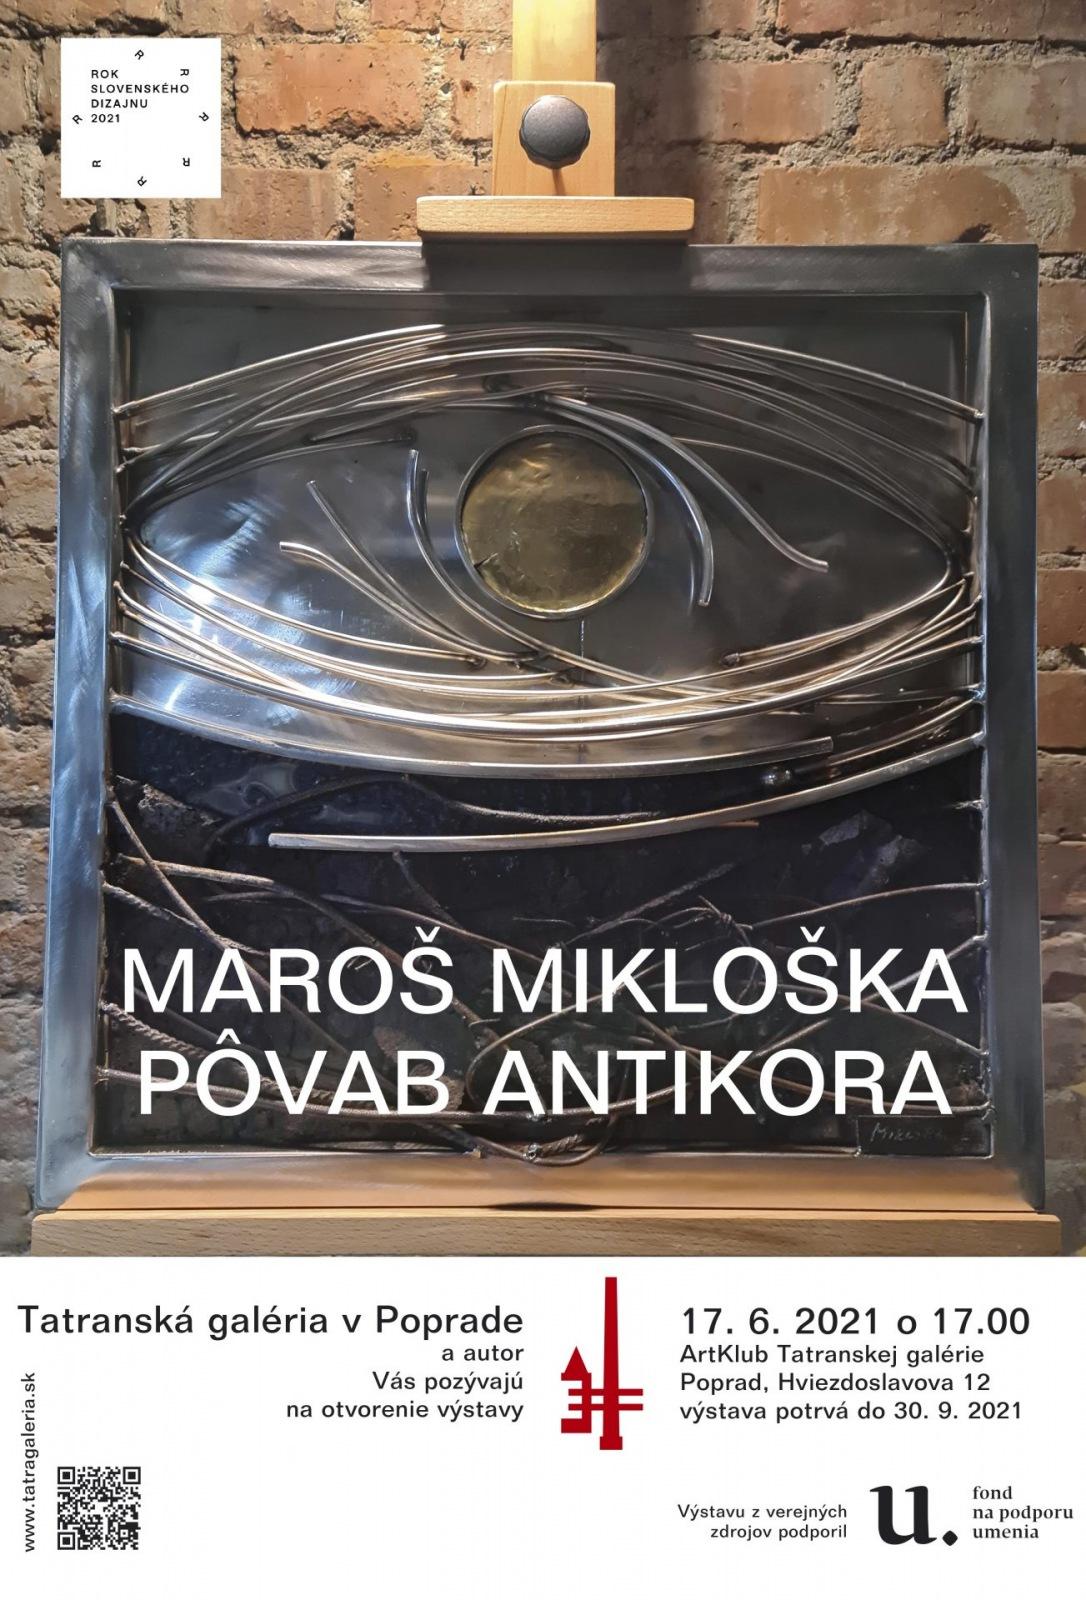 VÝSTAVA & Maroš Mikloška – Pôvab antikora